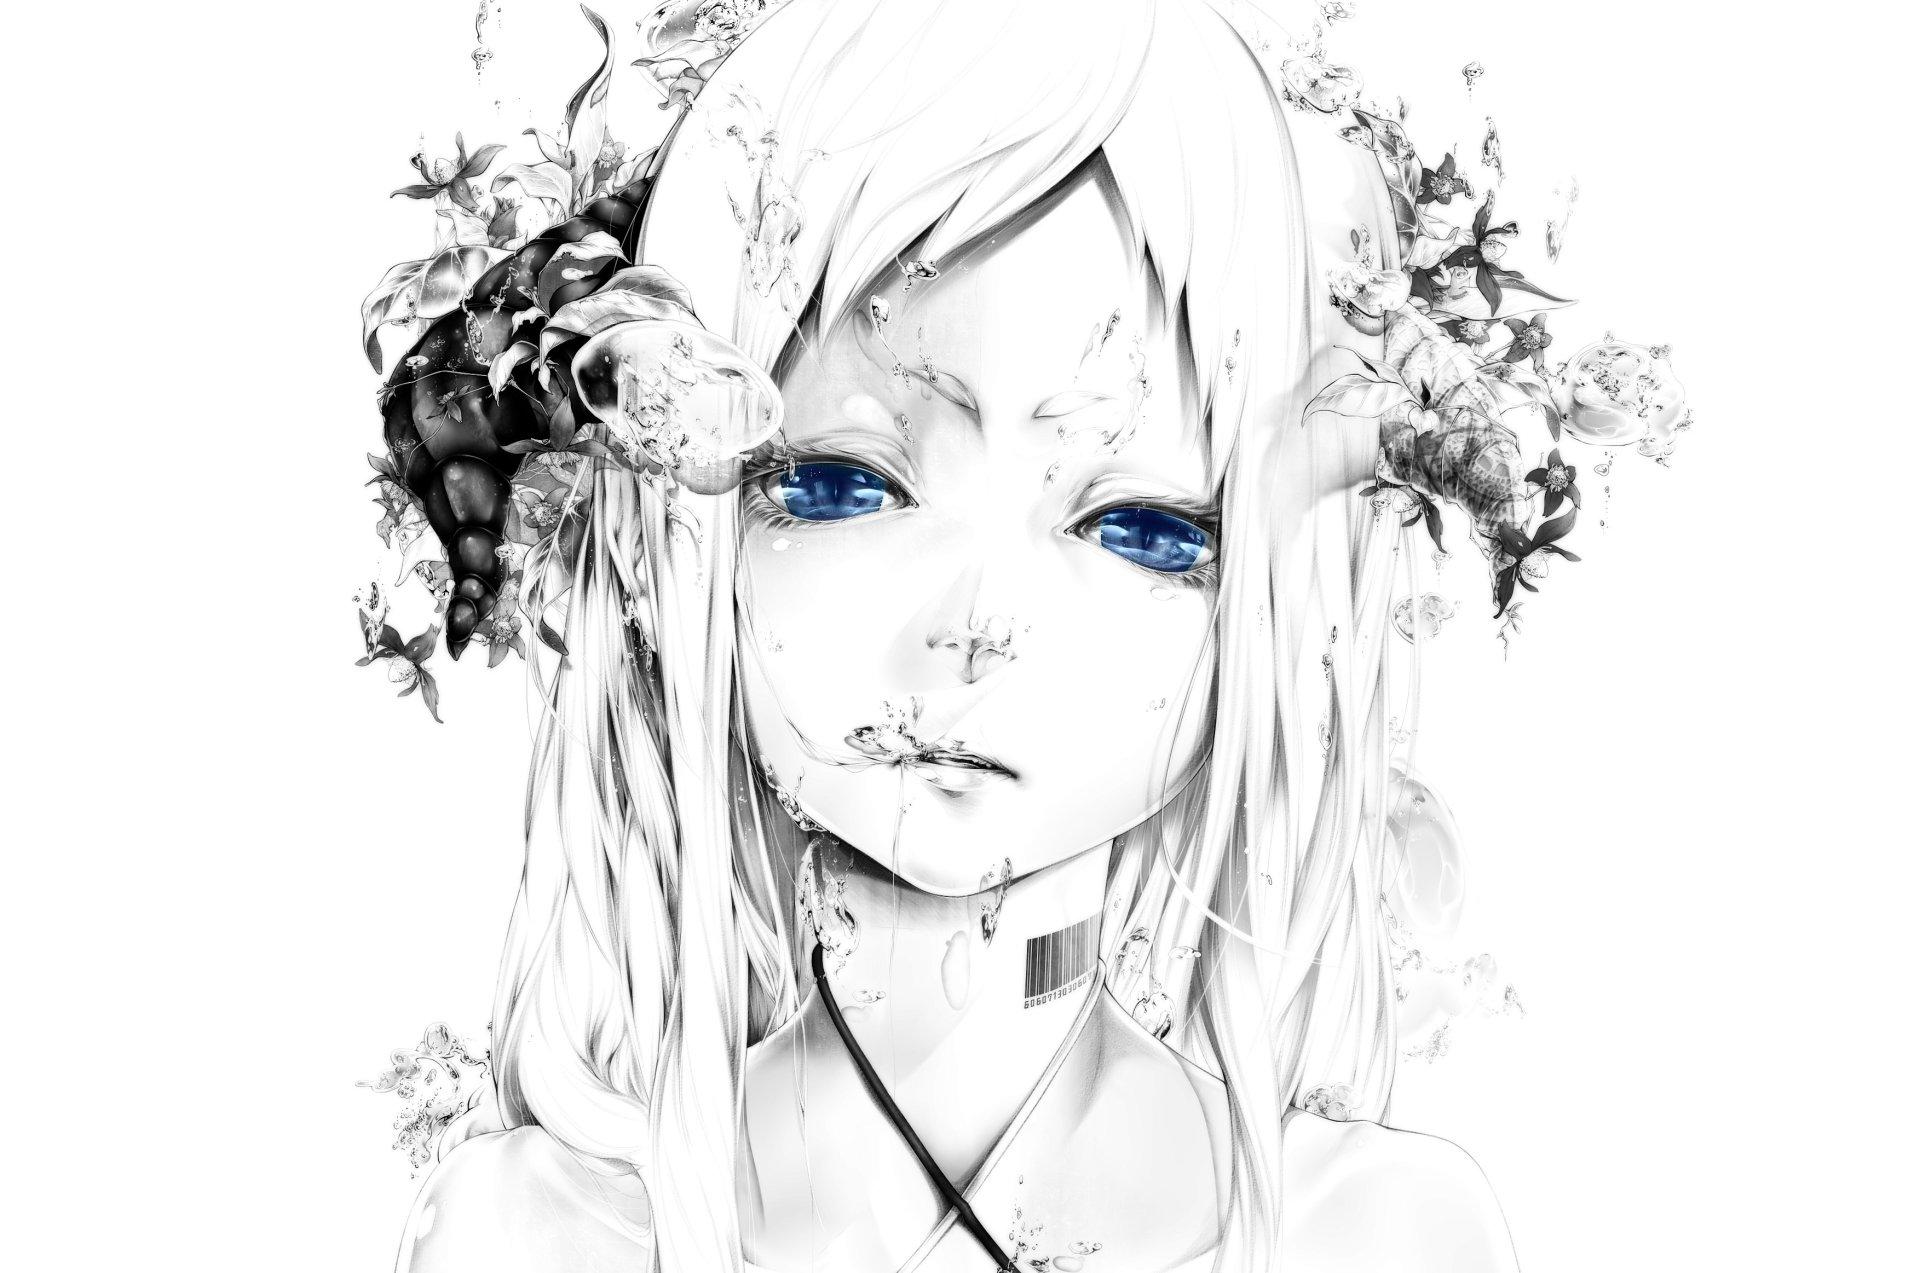 Art ID: 100908